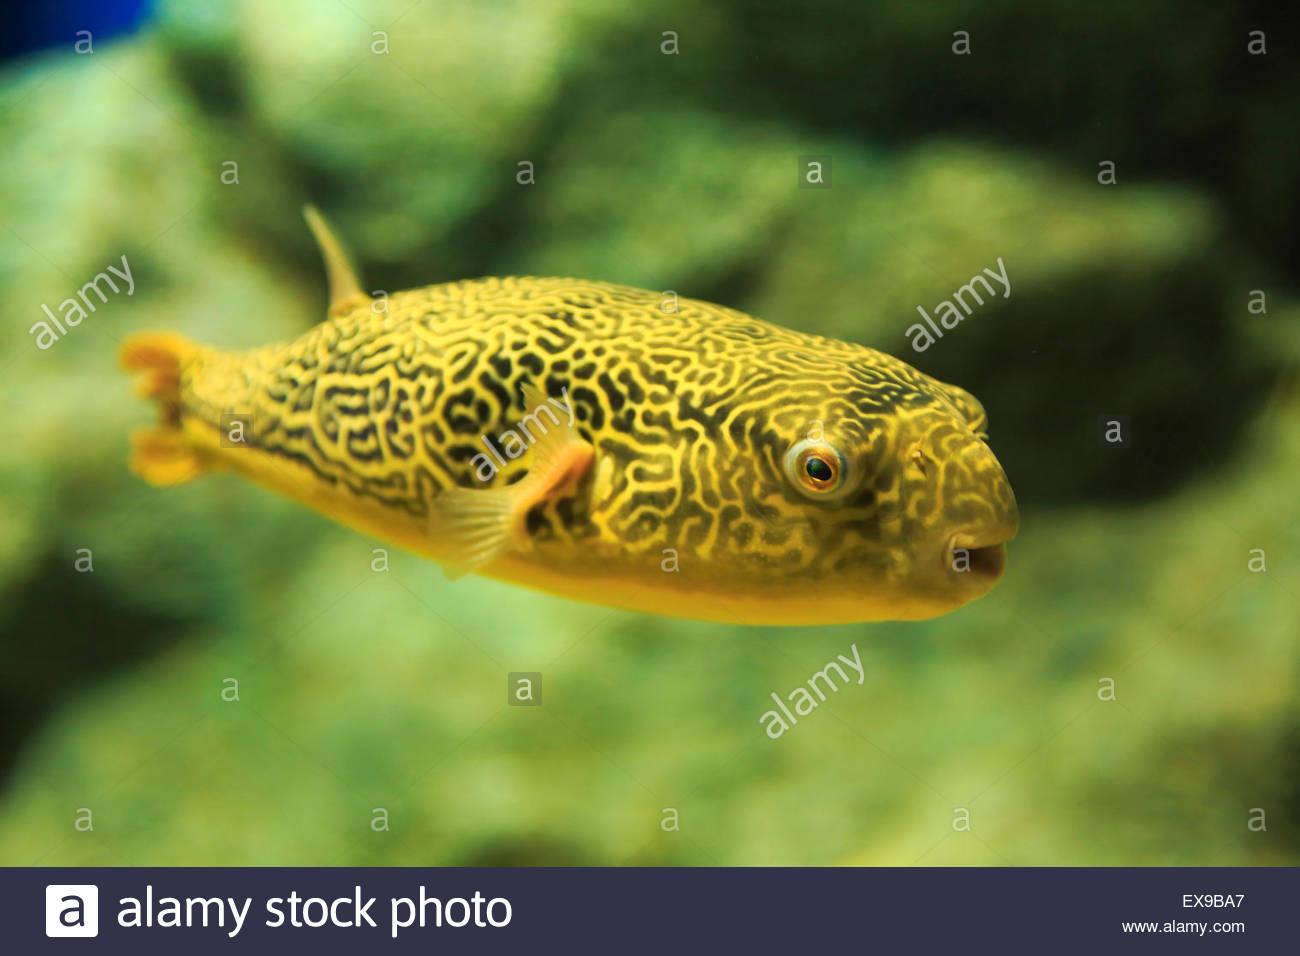 Fish aquarium japan - Japan Hokkaido Kitami Puffer Fish In Aquarium